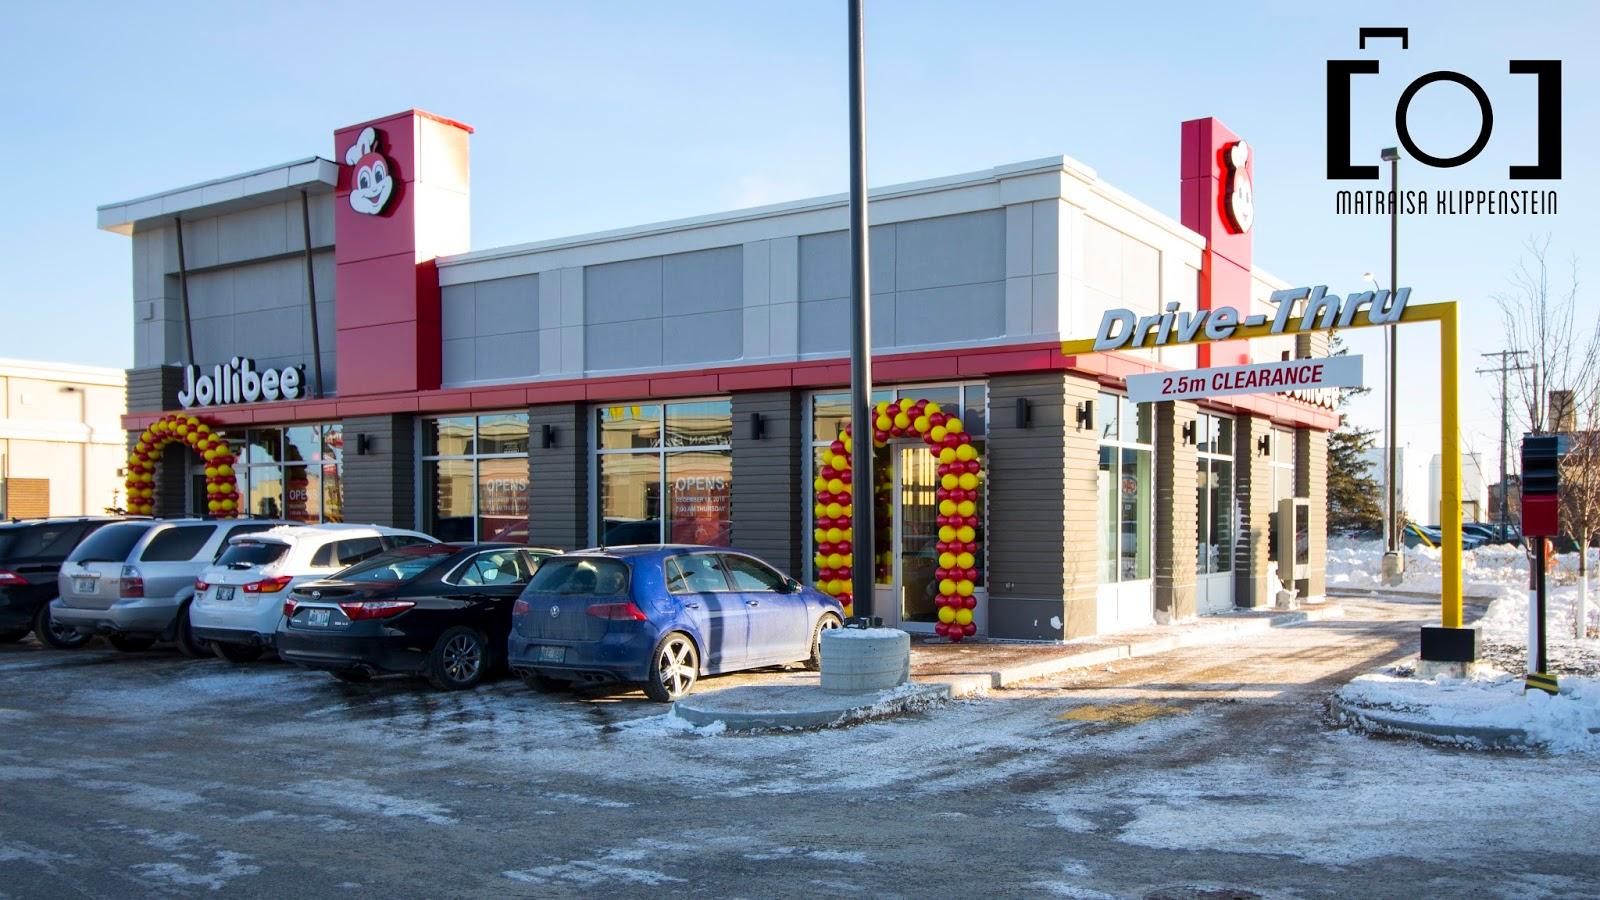 What Restaurants Are Open Today In Winnipeg